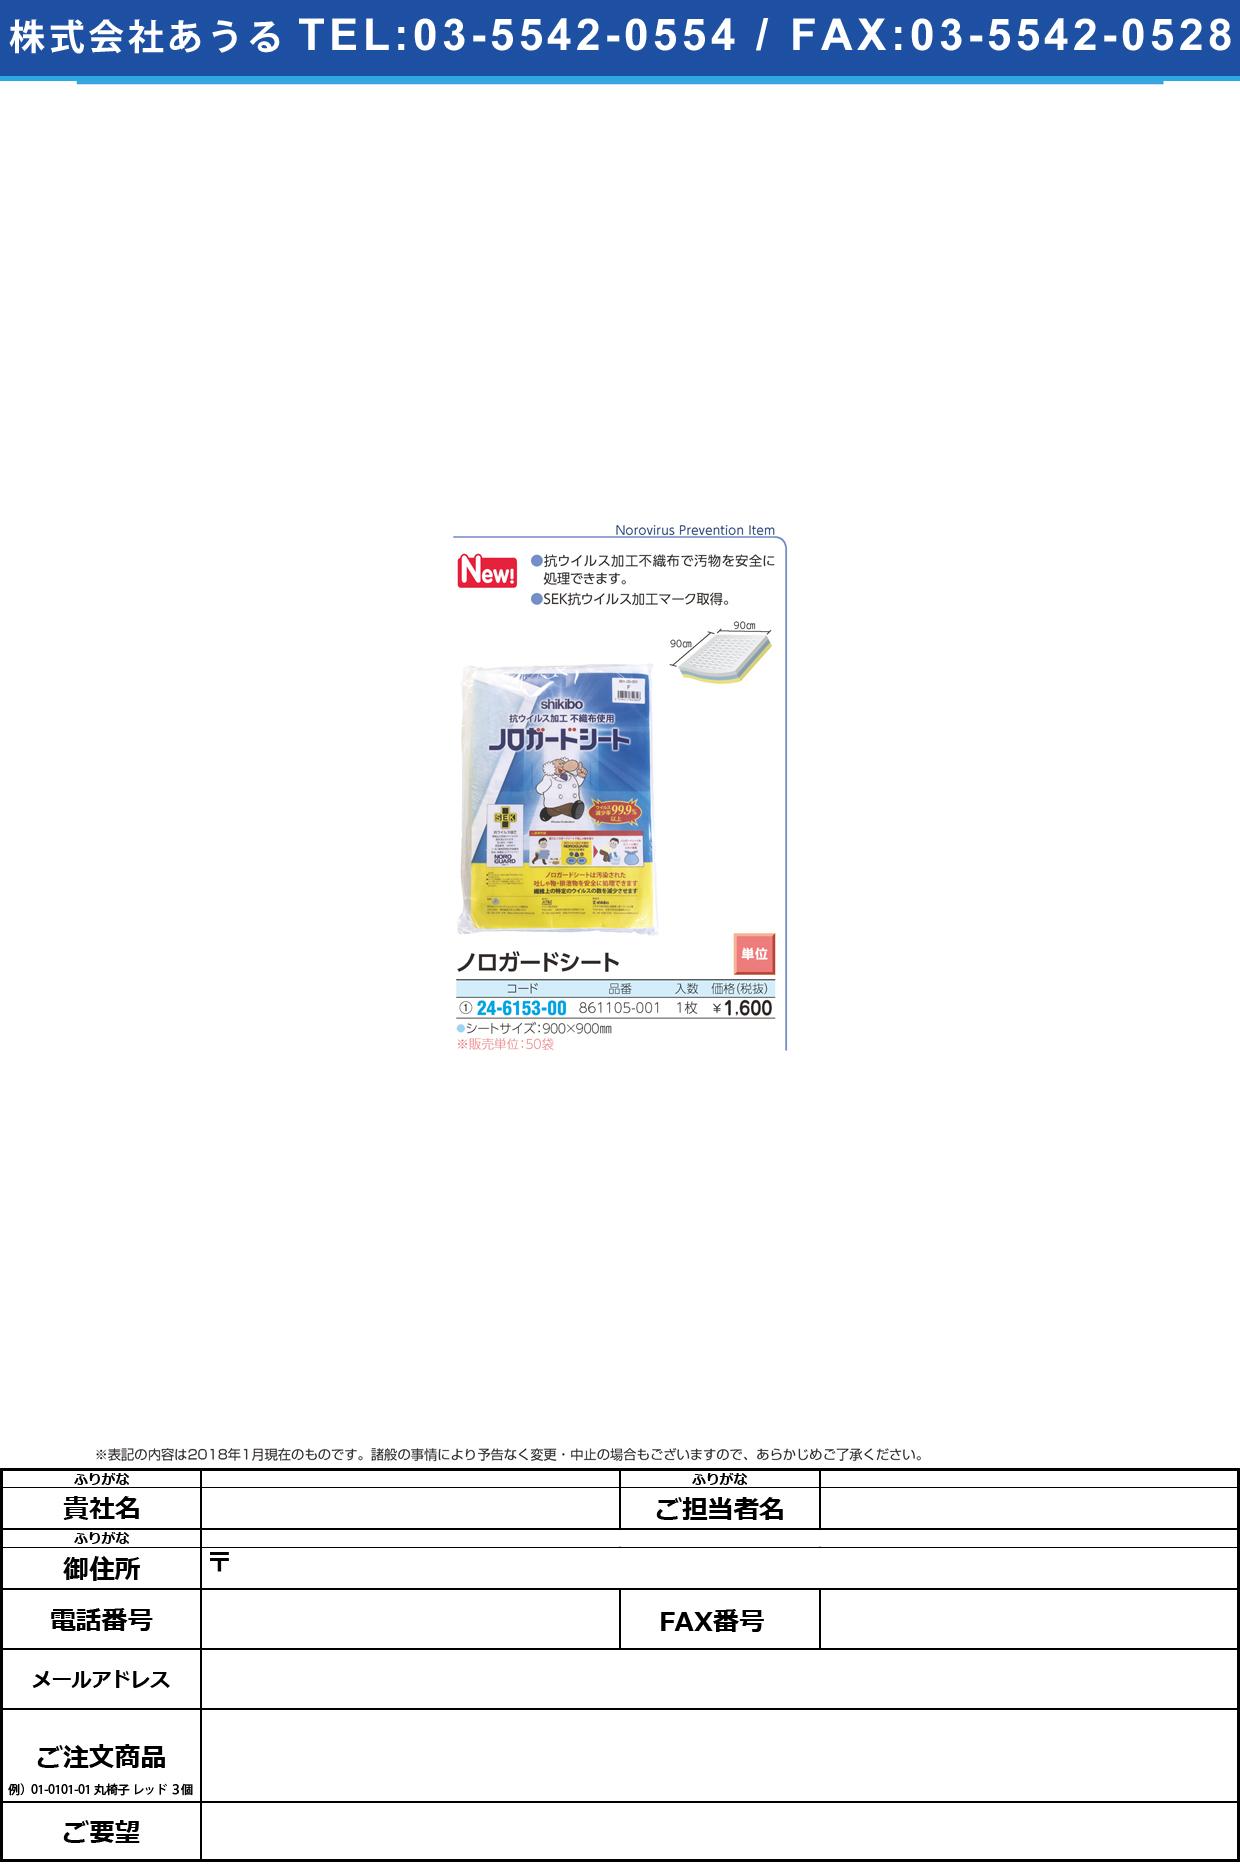 (24-6153-00)ノロガードシート 861105-001(900X900MM ノロガードシート【50枚単位】【2018年カタログ商品】